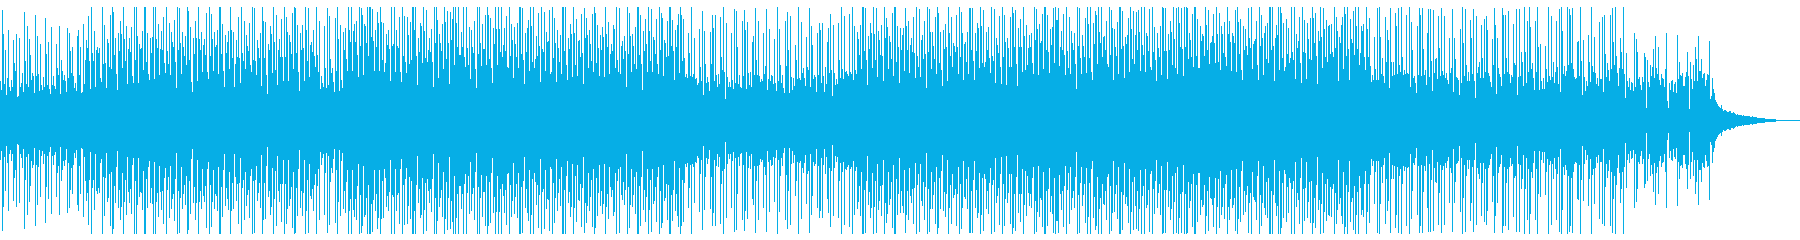 トロピカルハウス・夏・リゾート・バカンスの再生済みの波形